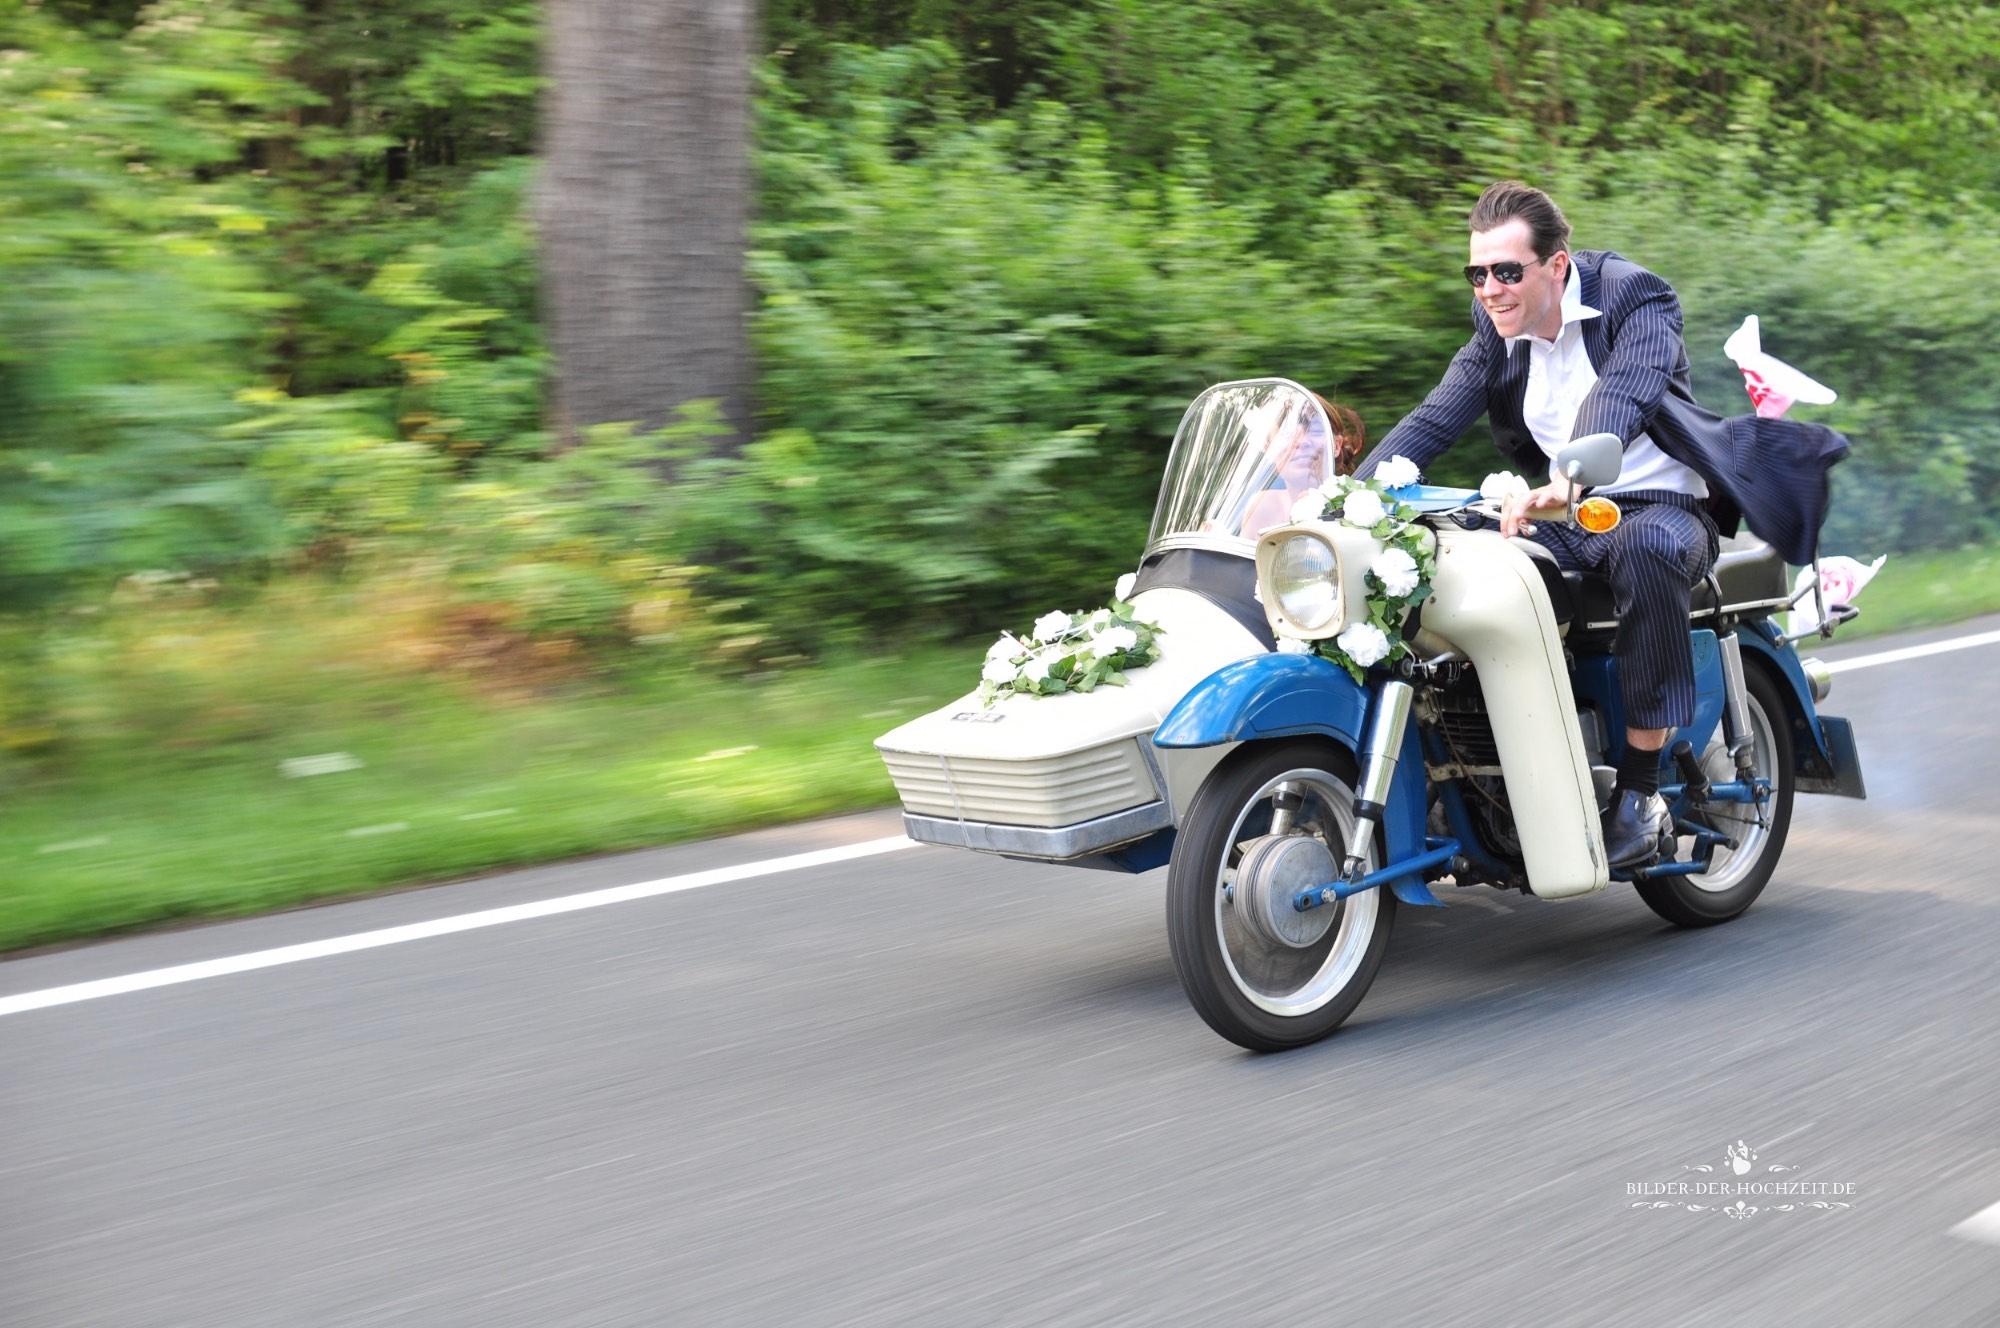 Brautpaar_auf_Motorrad.jpg